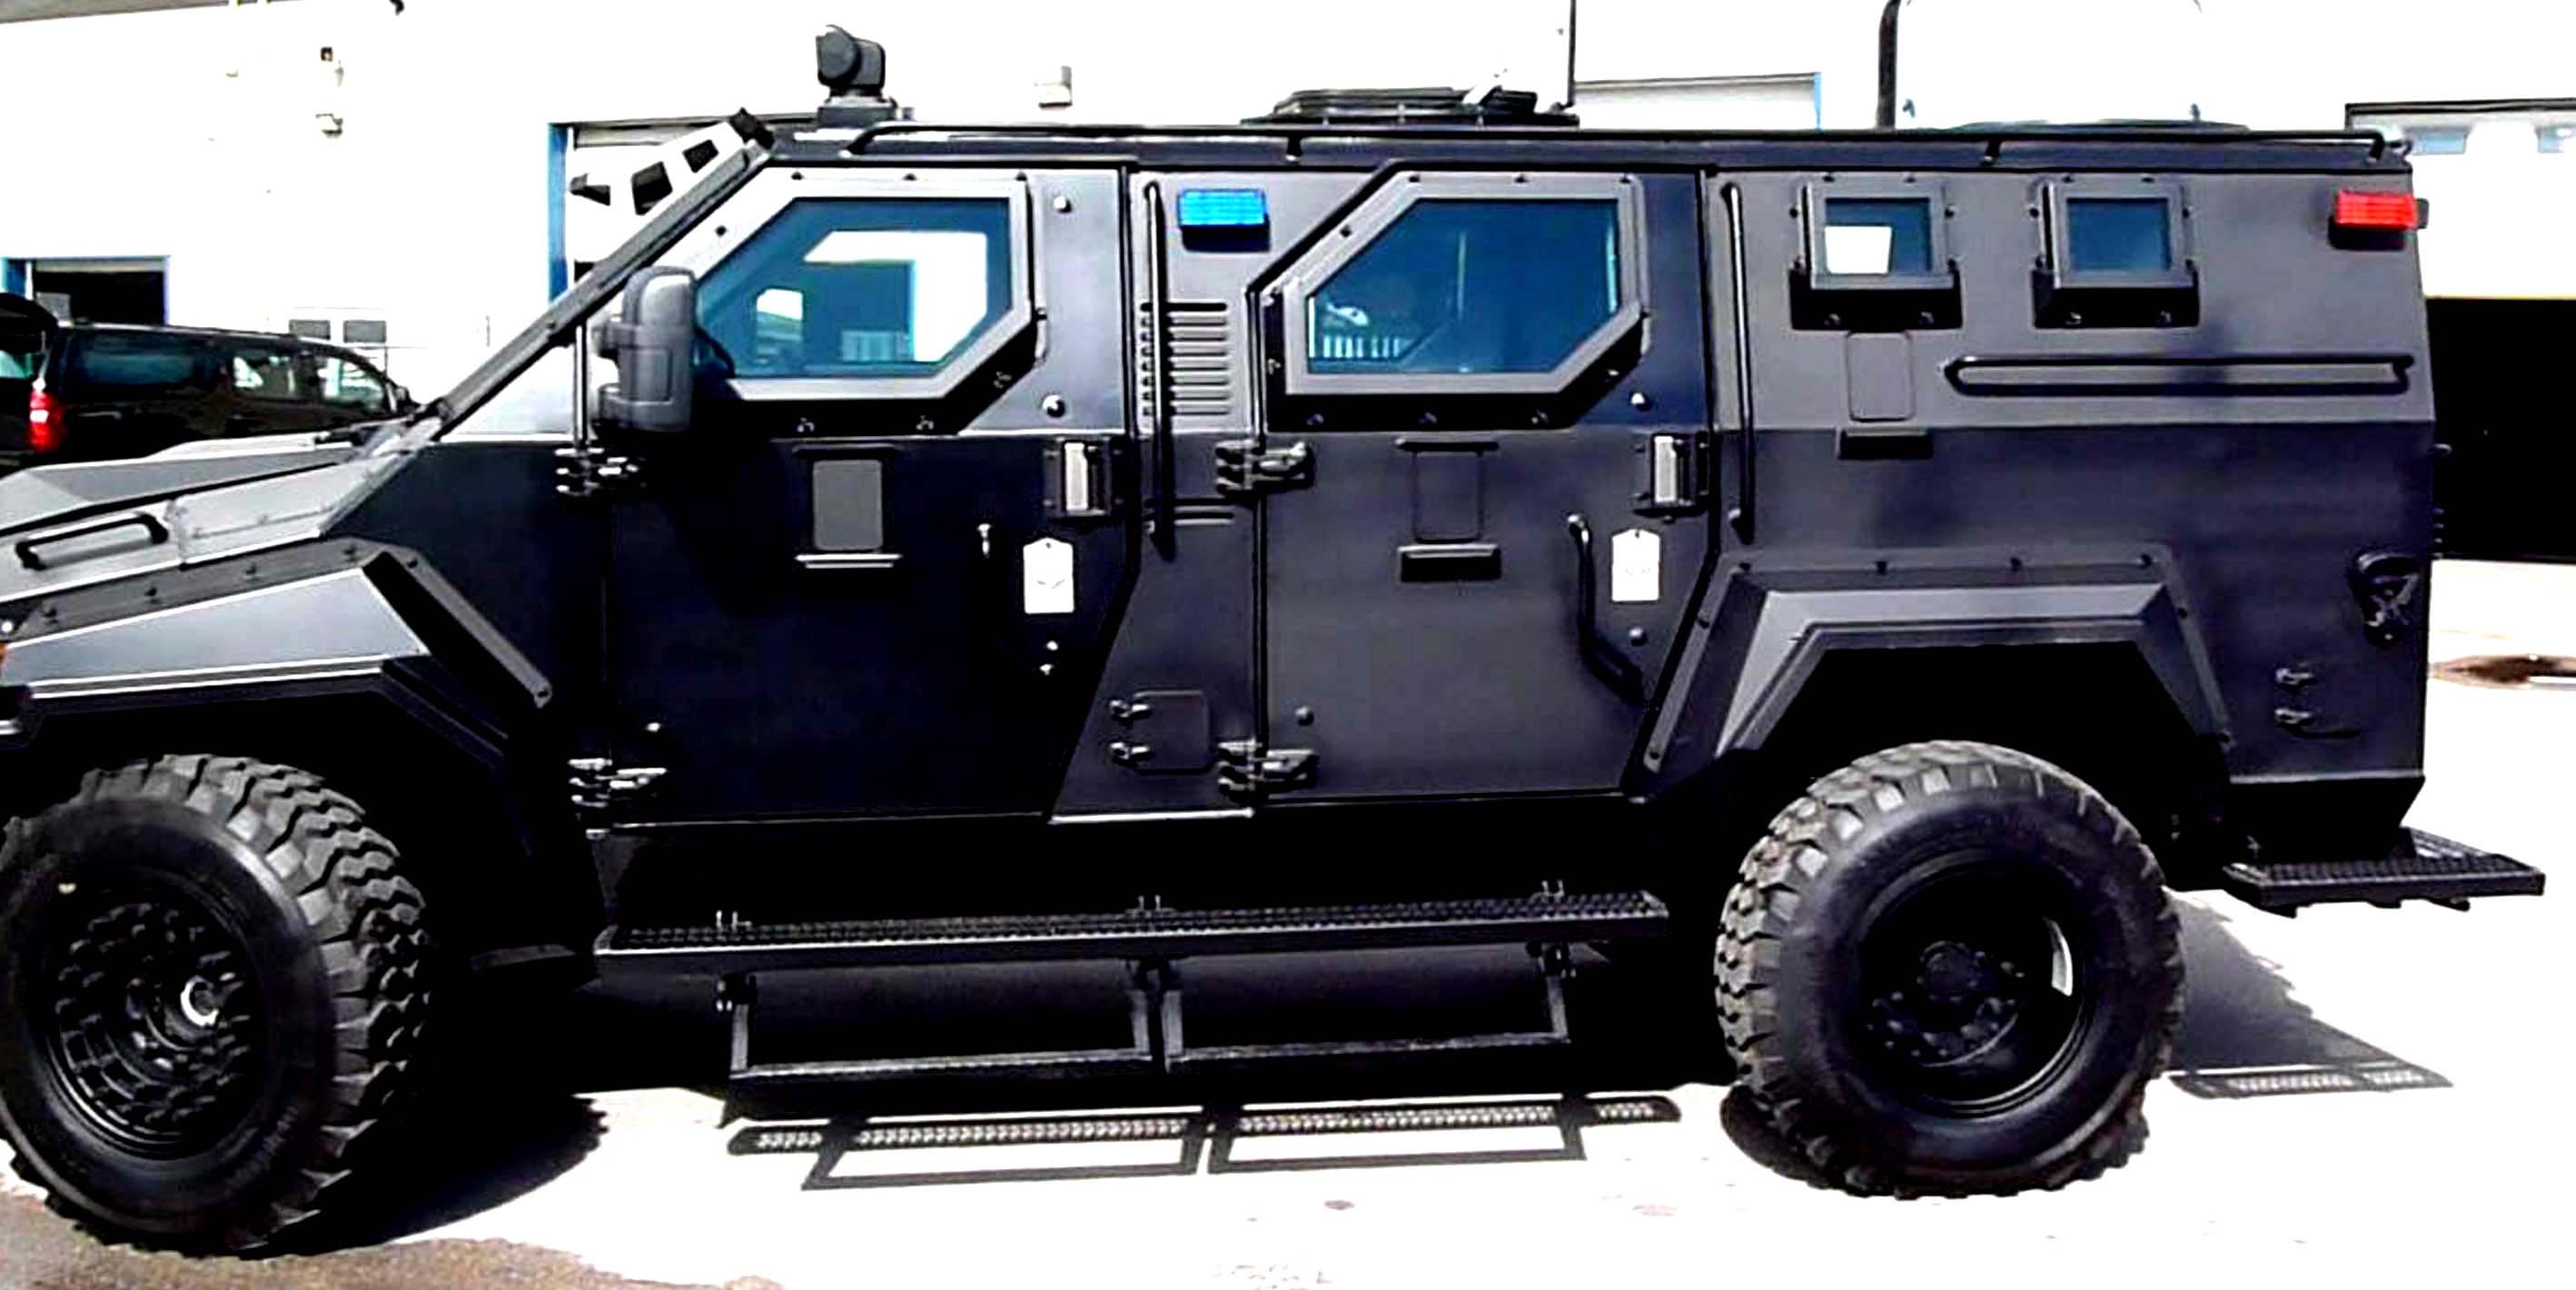 Swat Vehicles